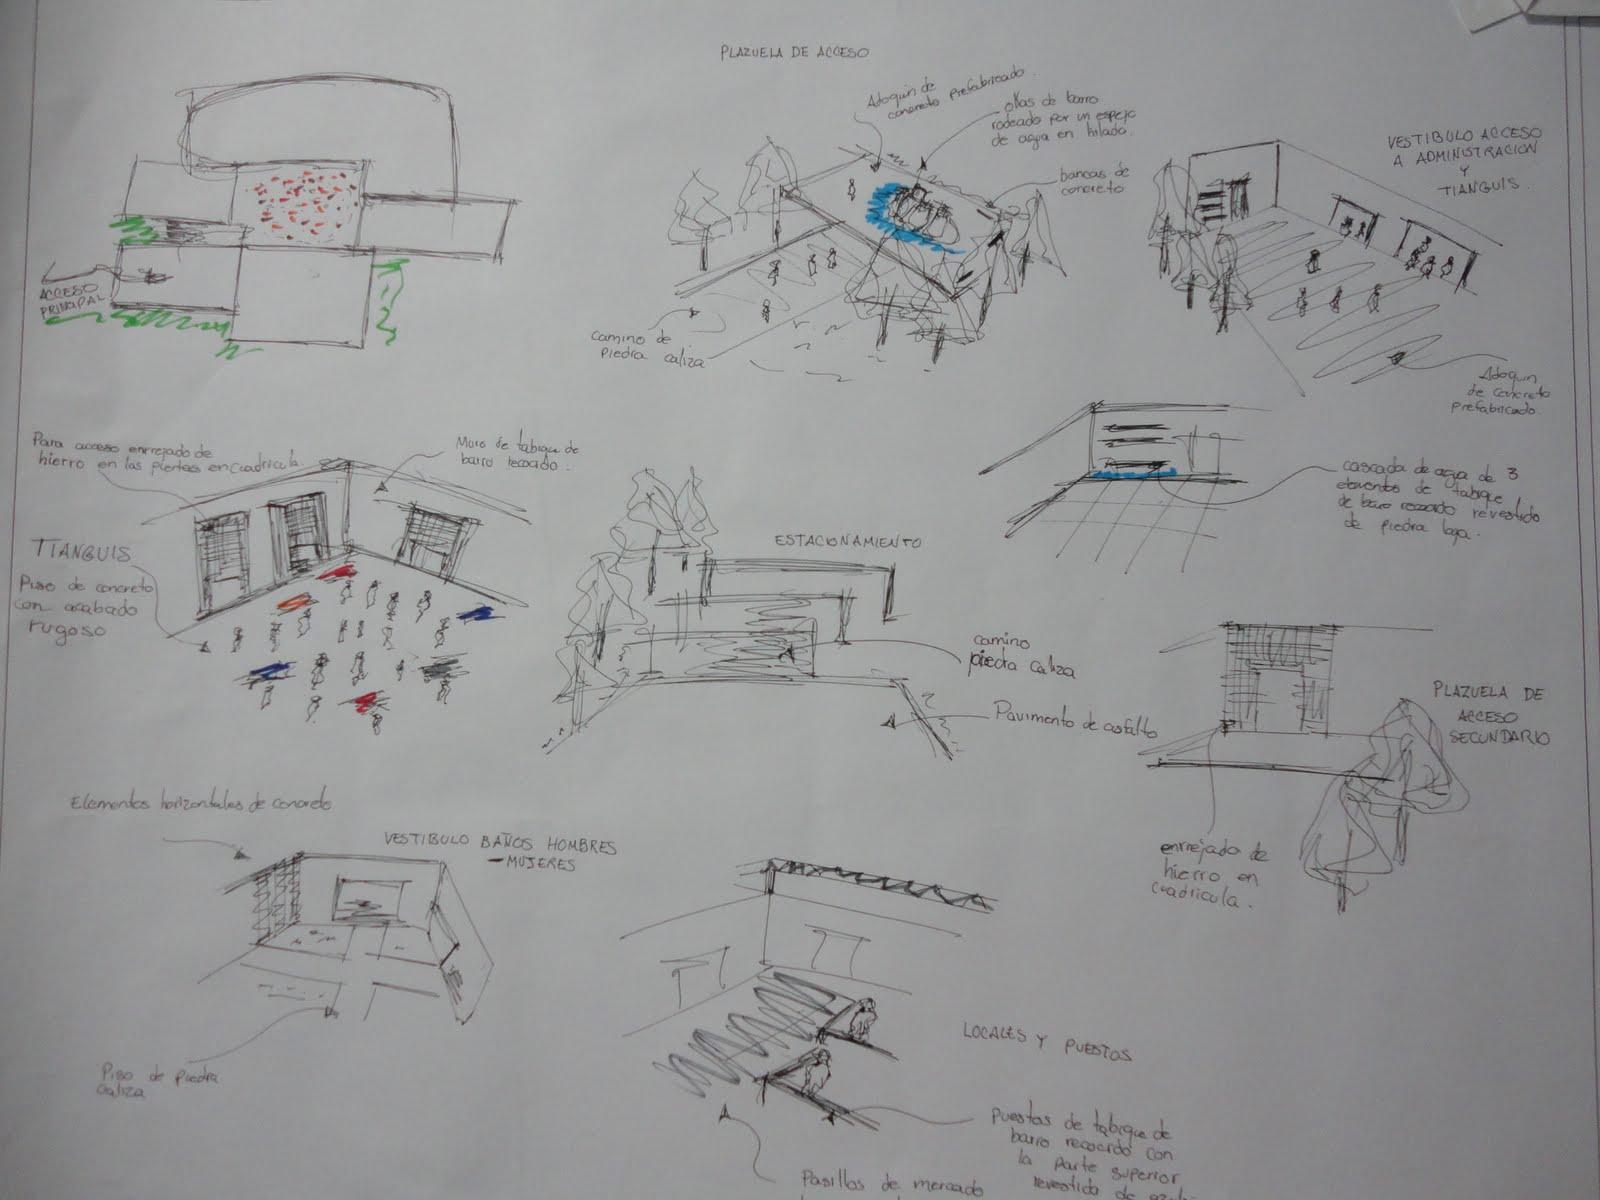 Dise o arquitect nico de un mercado municipal en la for El concepto de arquitectura